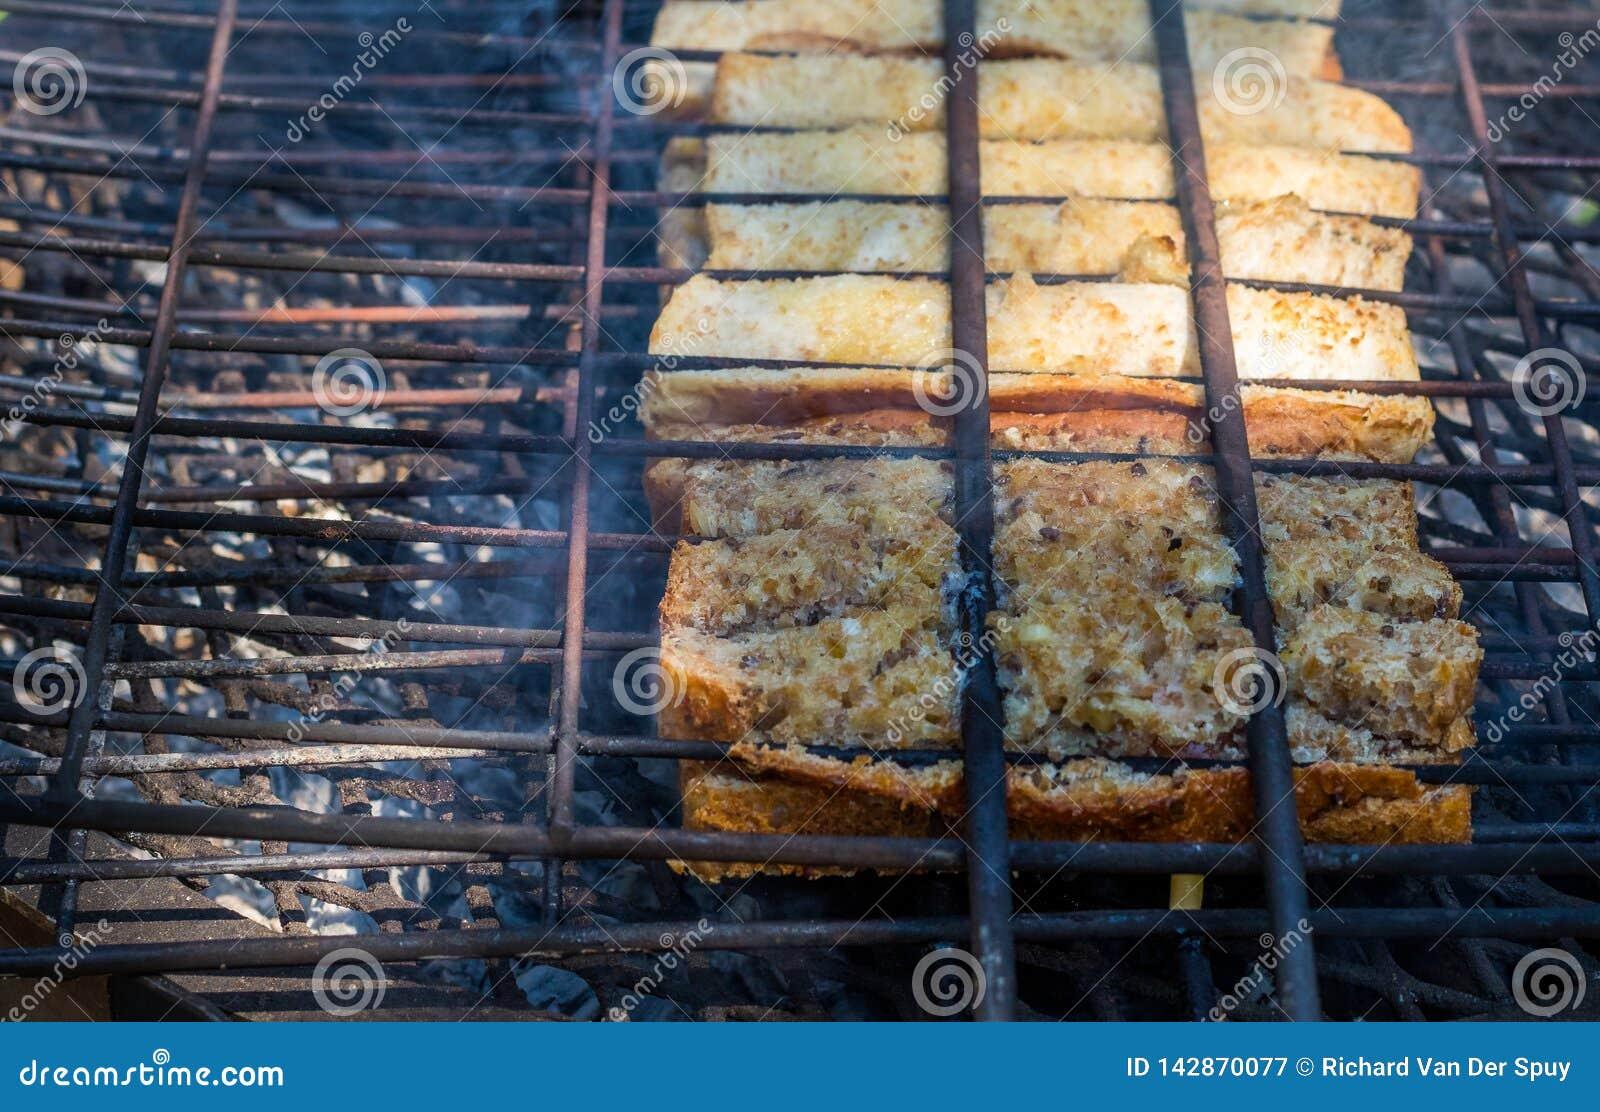 Broodjies surafricanos tradicionales del braai preparados en los carbones abiertos